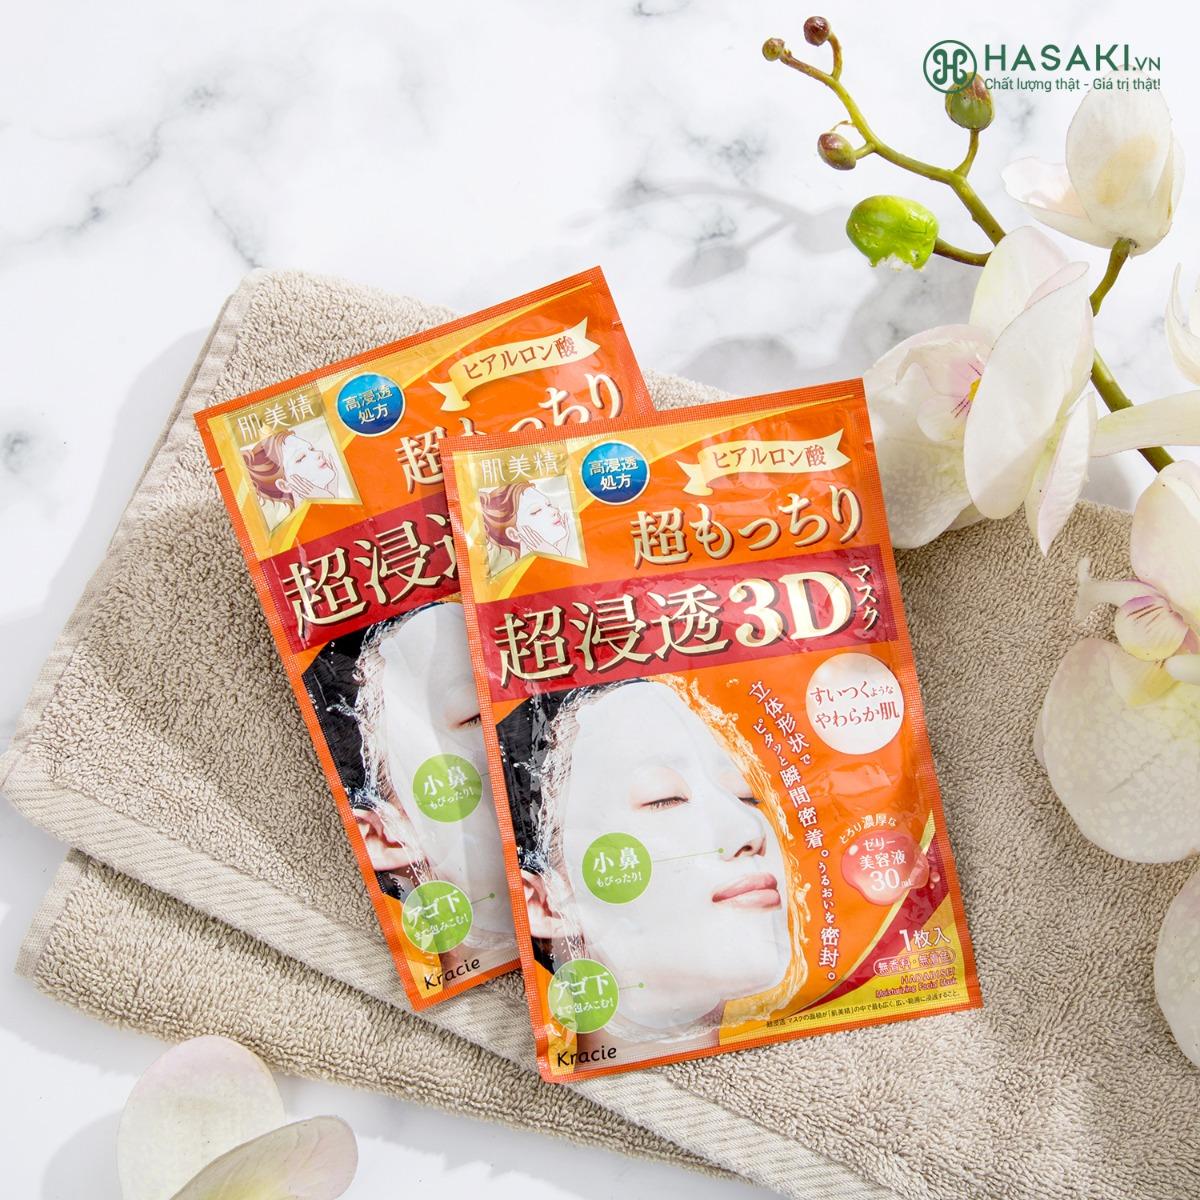 Mặt Nạ 3D Dưỡng Ẩm Da Hadabisei Advanced Penetrating 3D Facial Mask